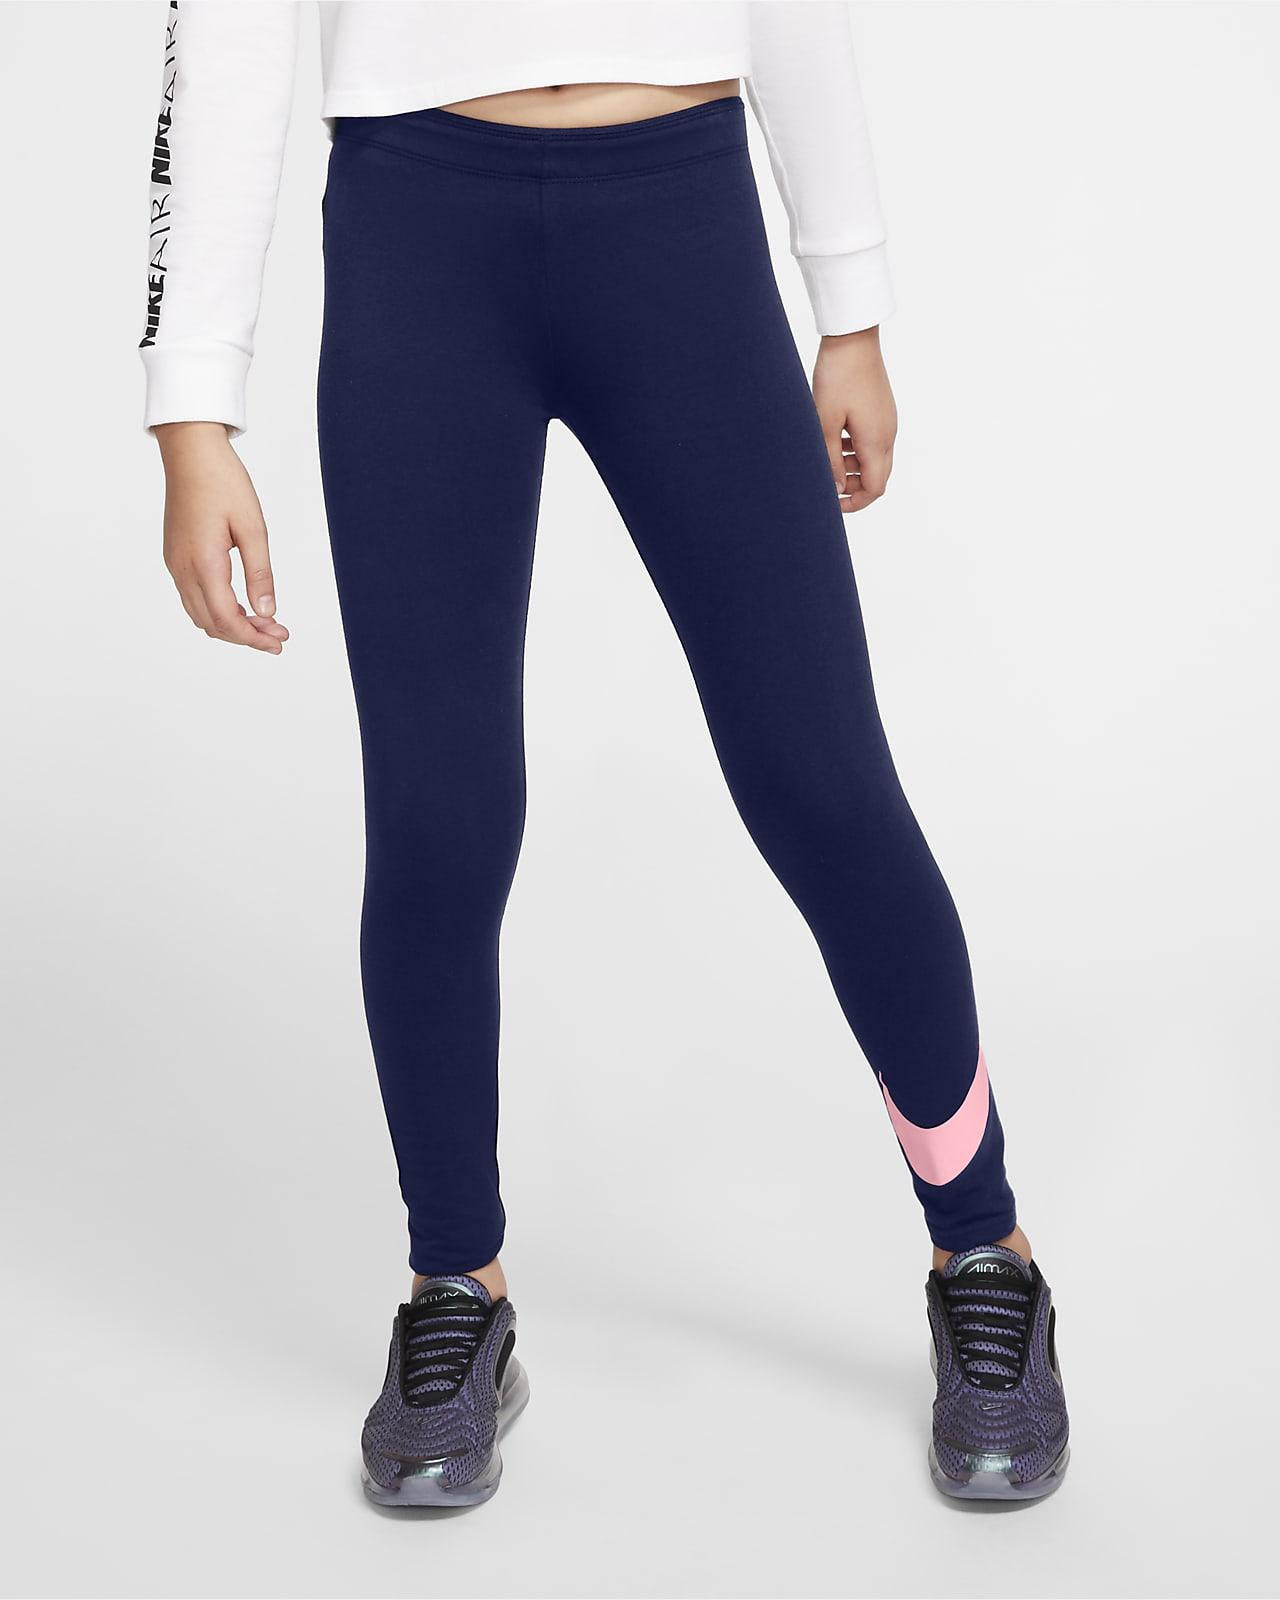 เลกกิ้งเด็กโต Nike Sportswear Favorites (หญิง)